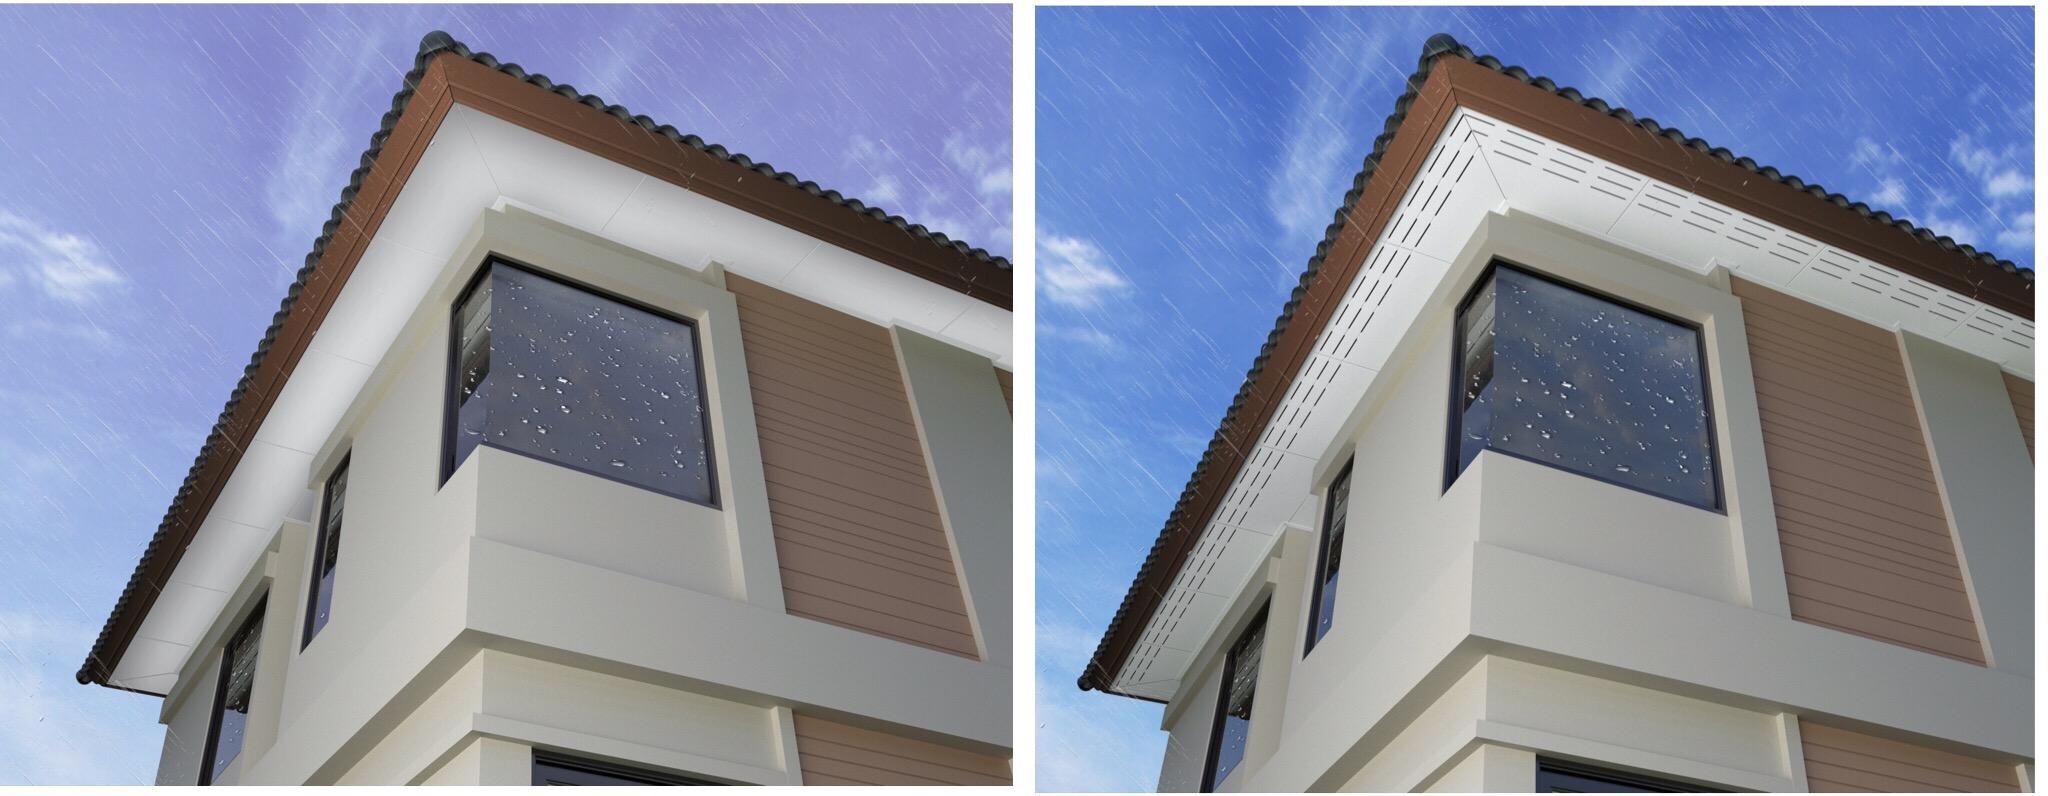 เติมเสน่ห์ให้บ้านผ่านสีสันหรือลวดลายฝ้า เพื่อสร้างลูกเล่นให้ดูไม่จำเจ 13 - ceiling